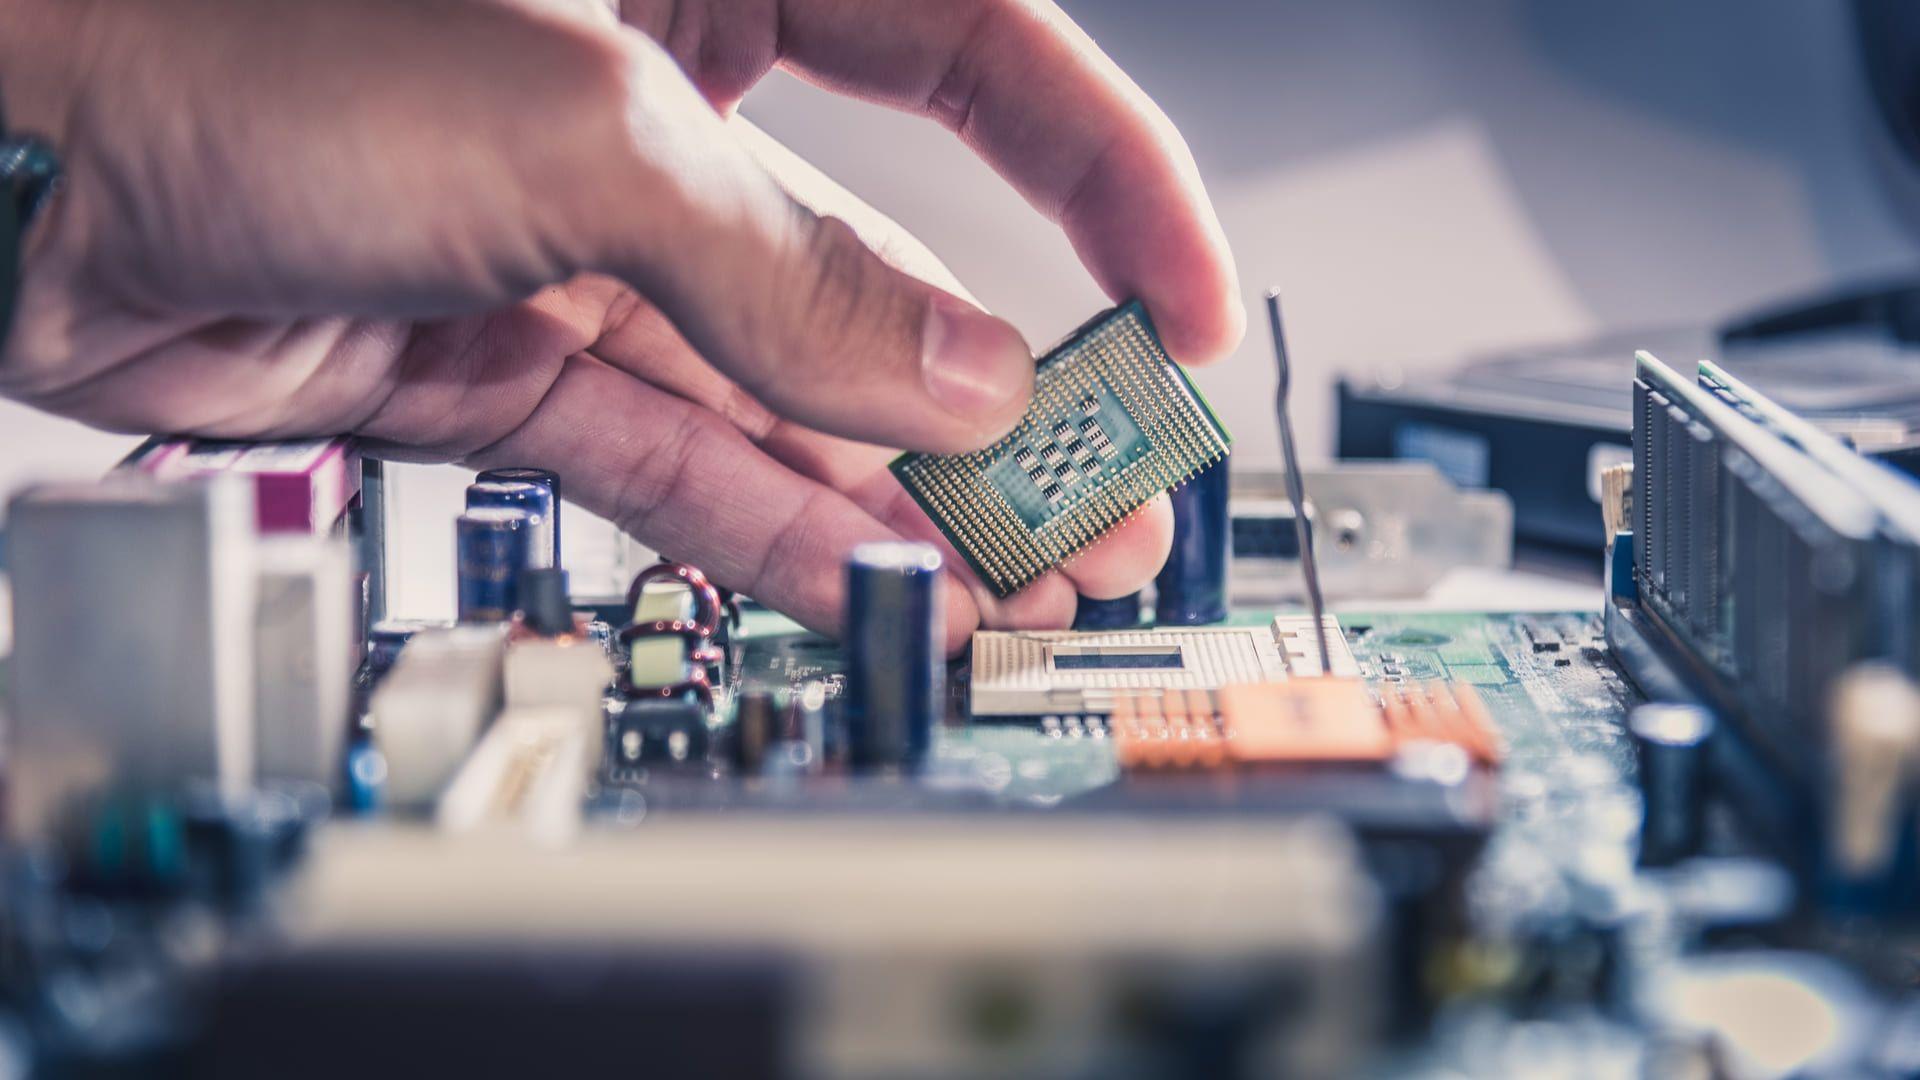 Foto mostra mão colocando chip do processador